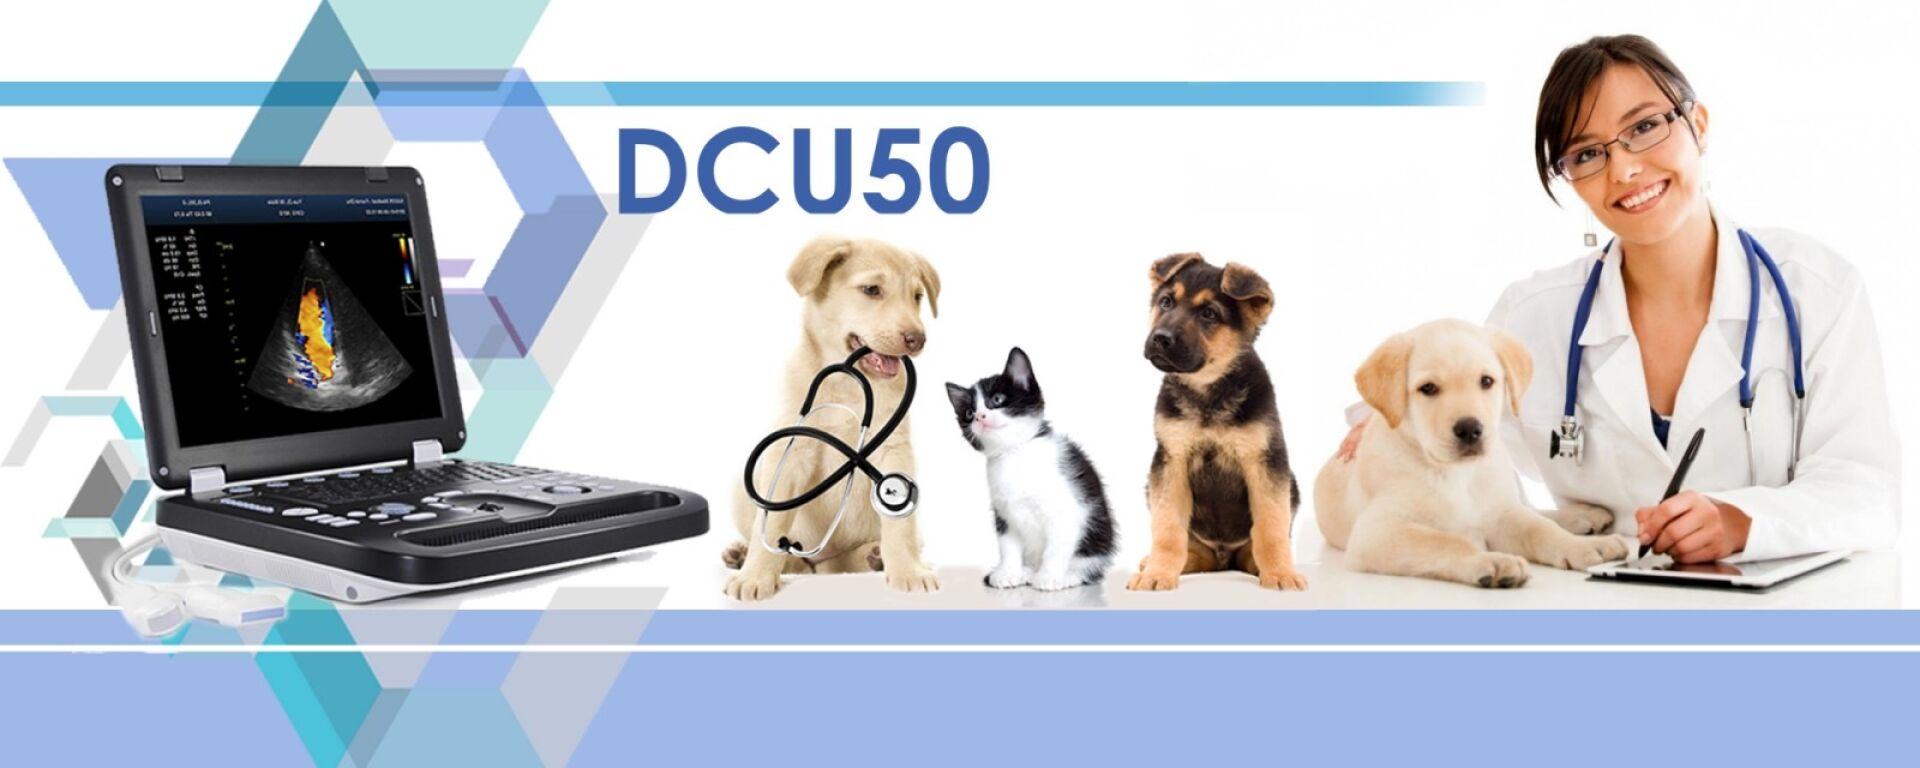 Оборудование для ветеринарии KAIXIN – новое слово в мире ультразвуковой диагностики